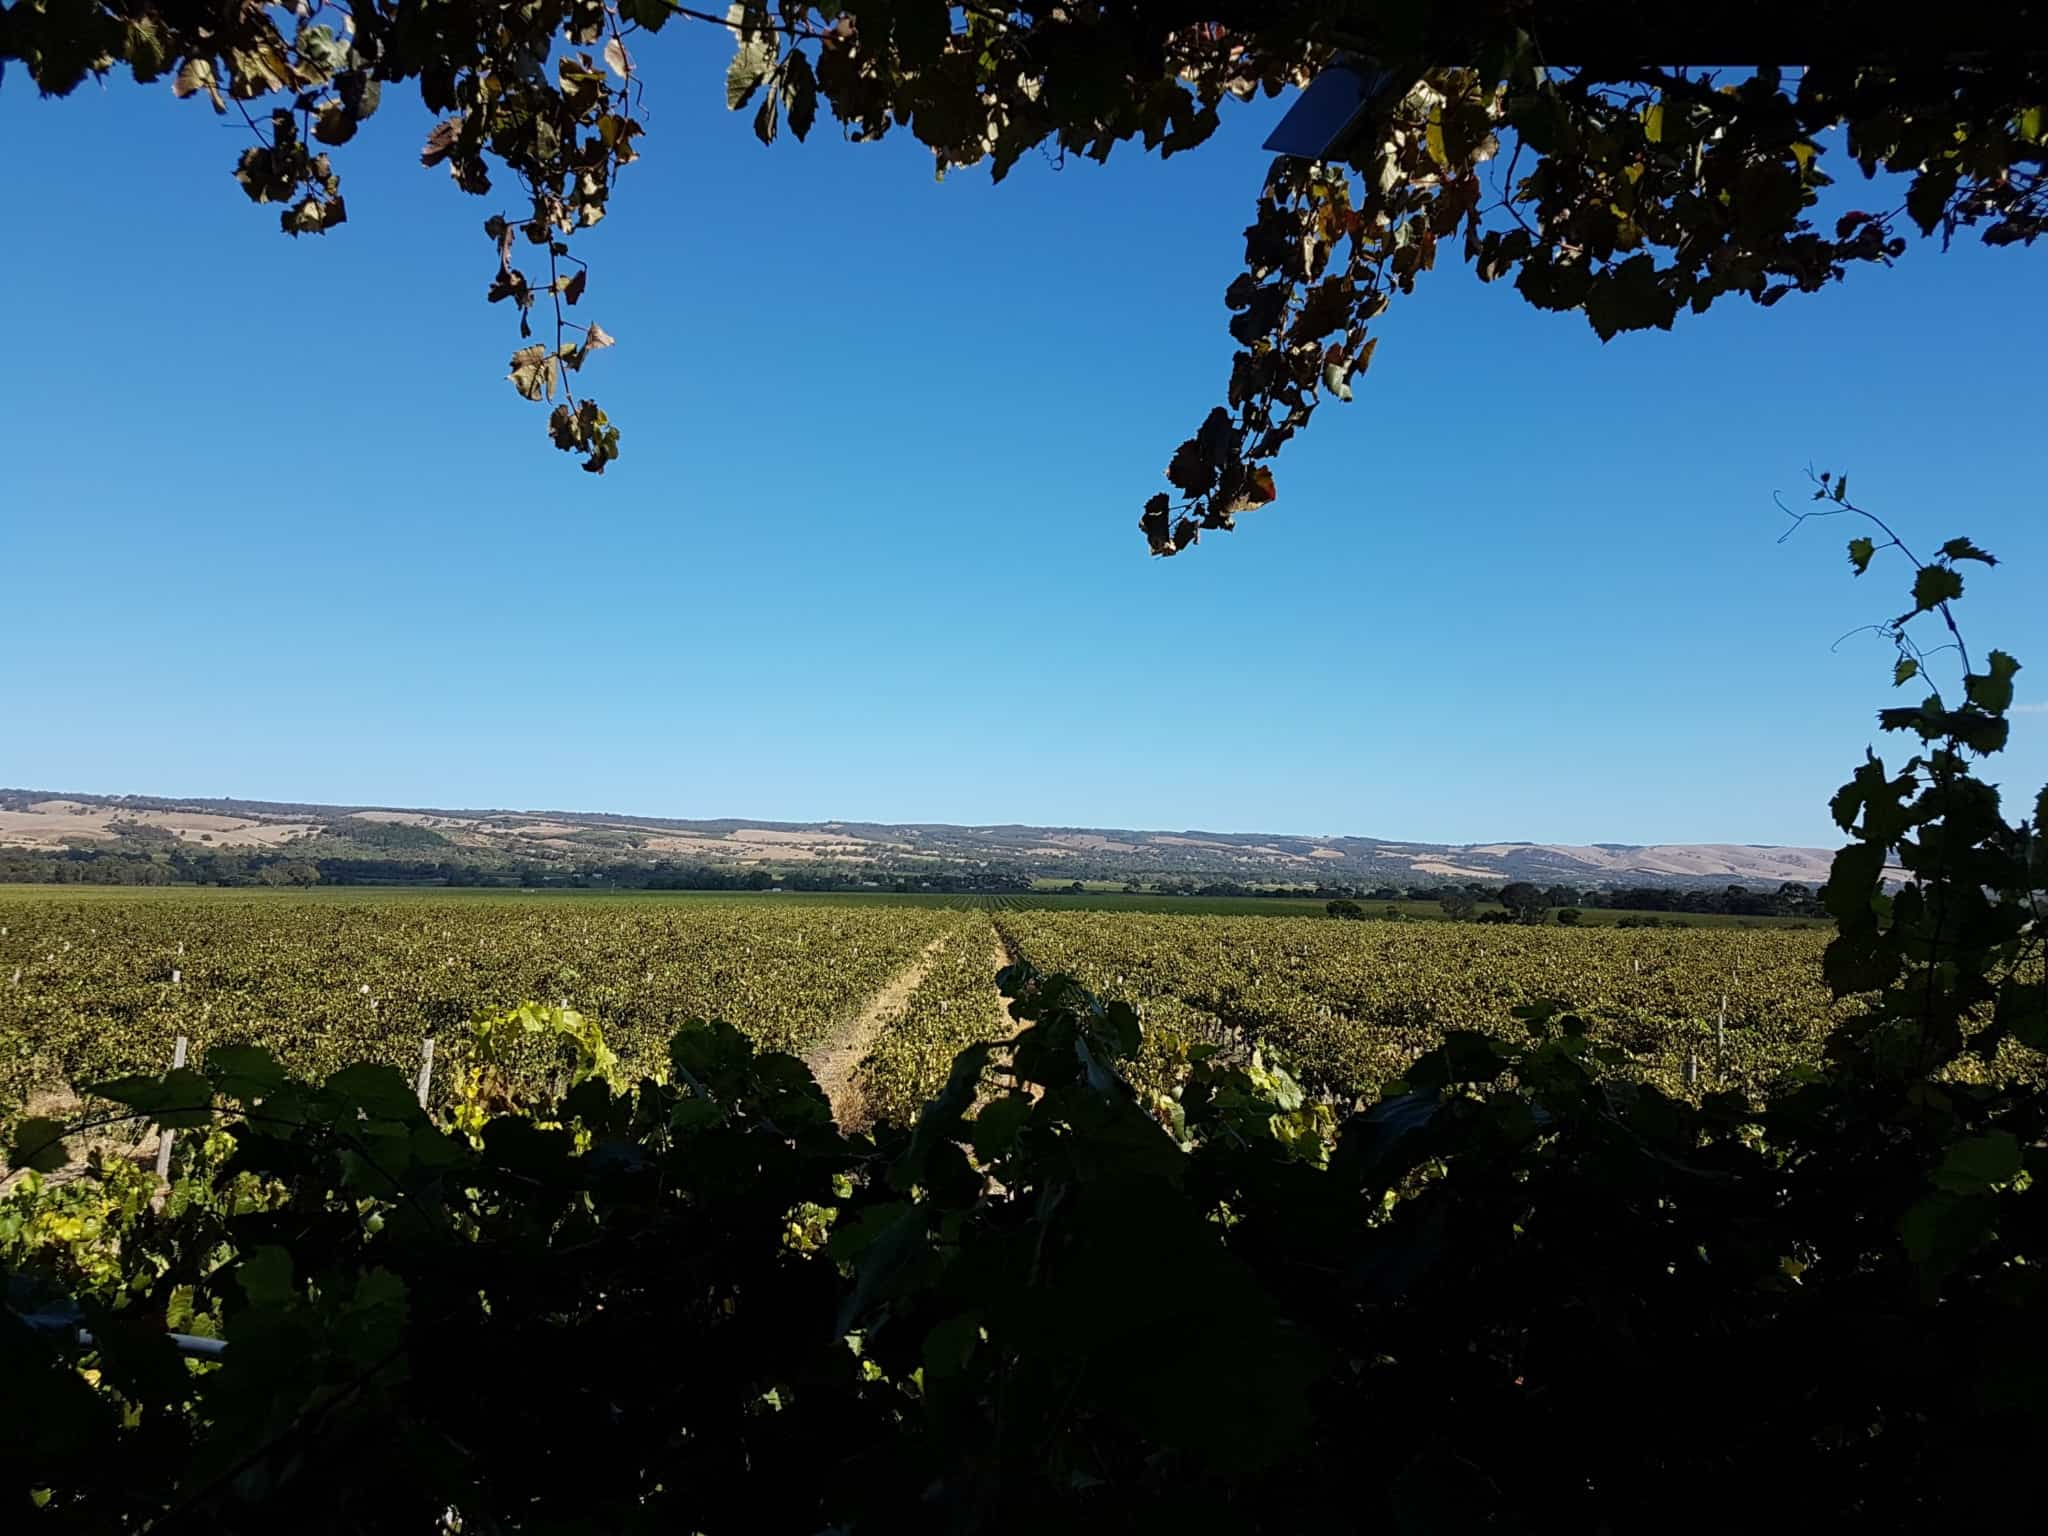 Australie, dégustation de vin et découverte de la réserve Towilla Yerta 🌅 6